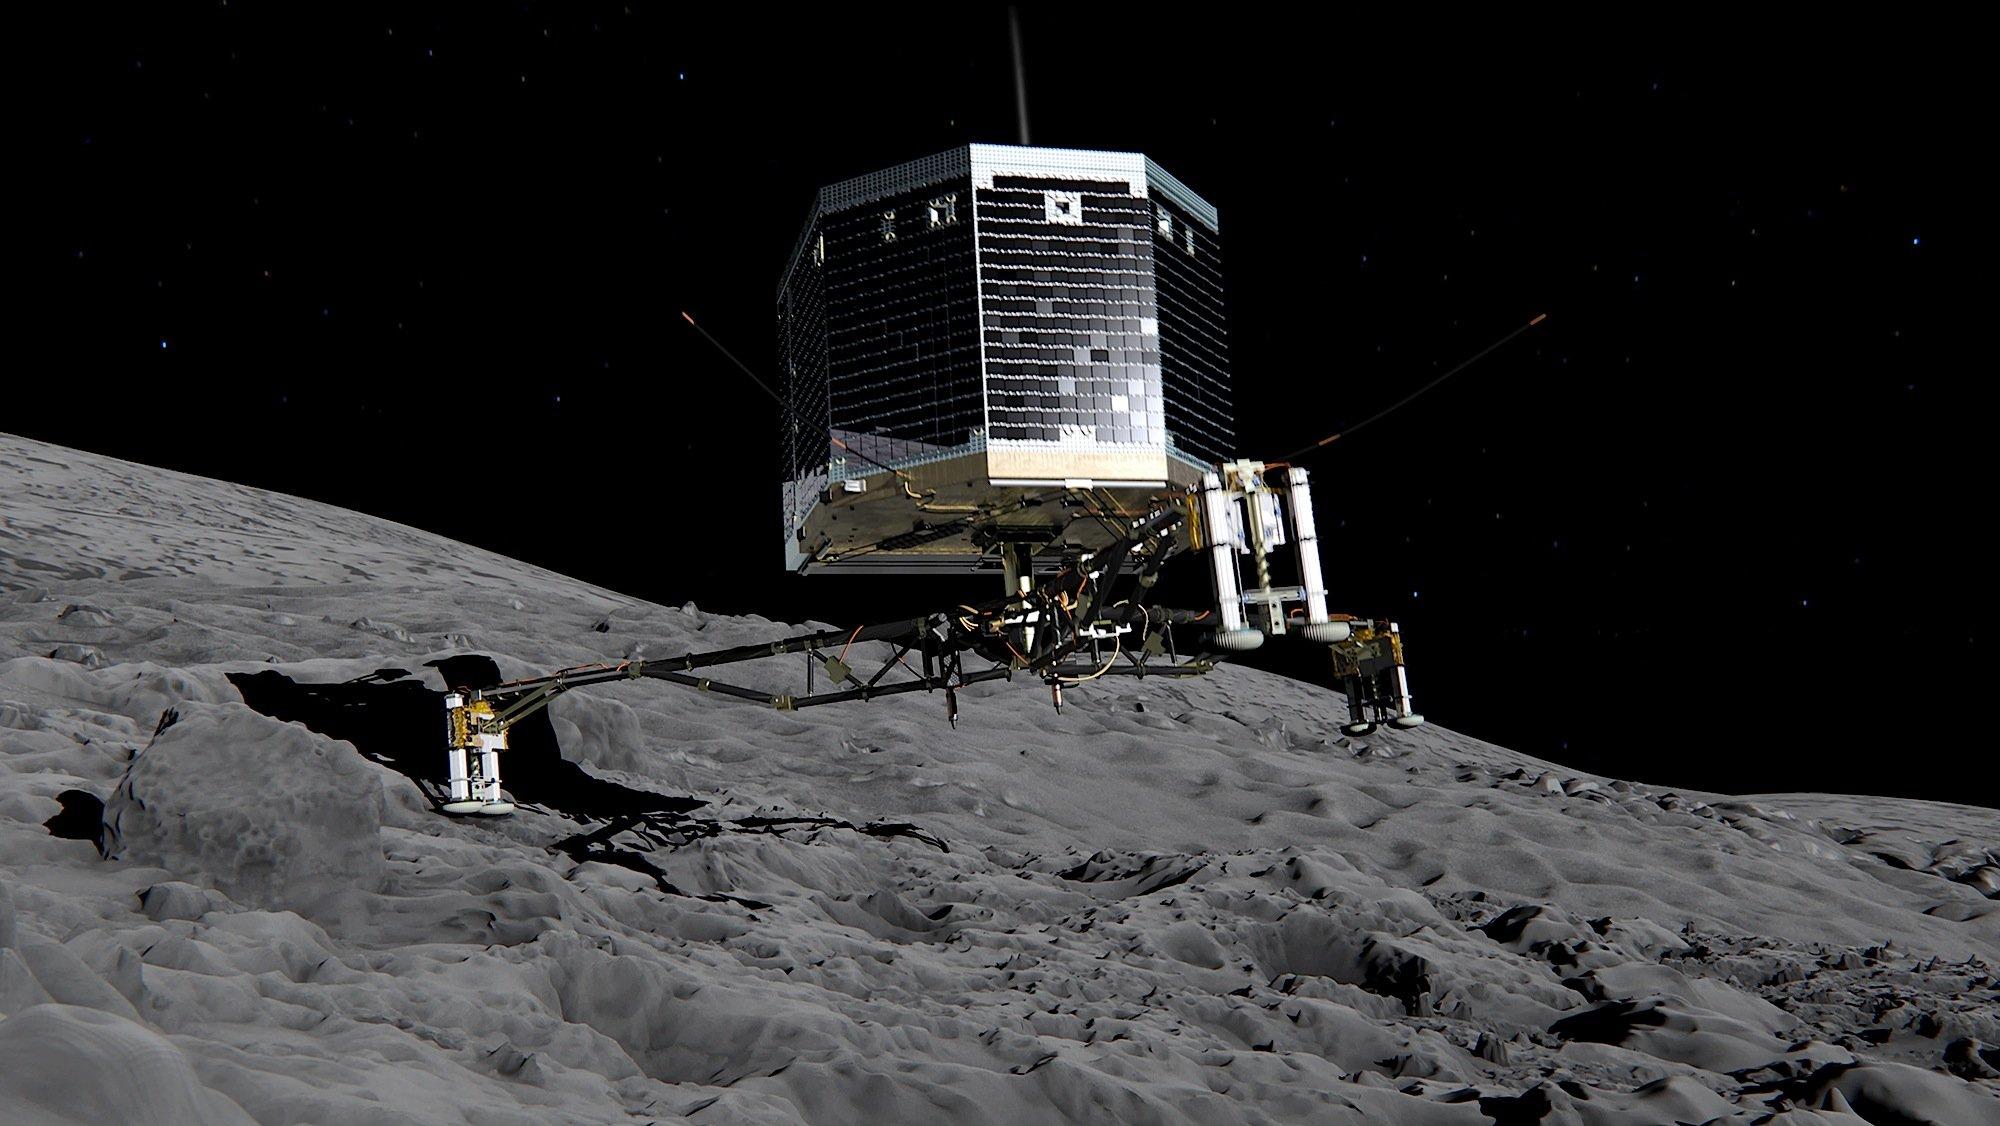 Animation der Landung von Philae auf dem Kometen Tschuri: Wegen zu geringen Sonnenlichtes konnte Philae seit November 2014 keine Daten zur Erde schicken.